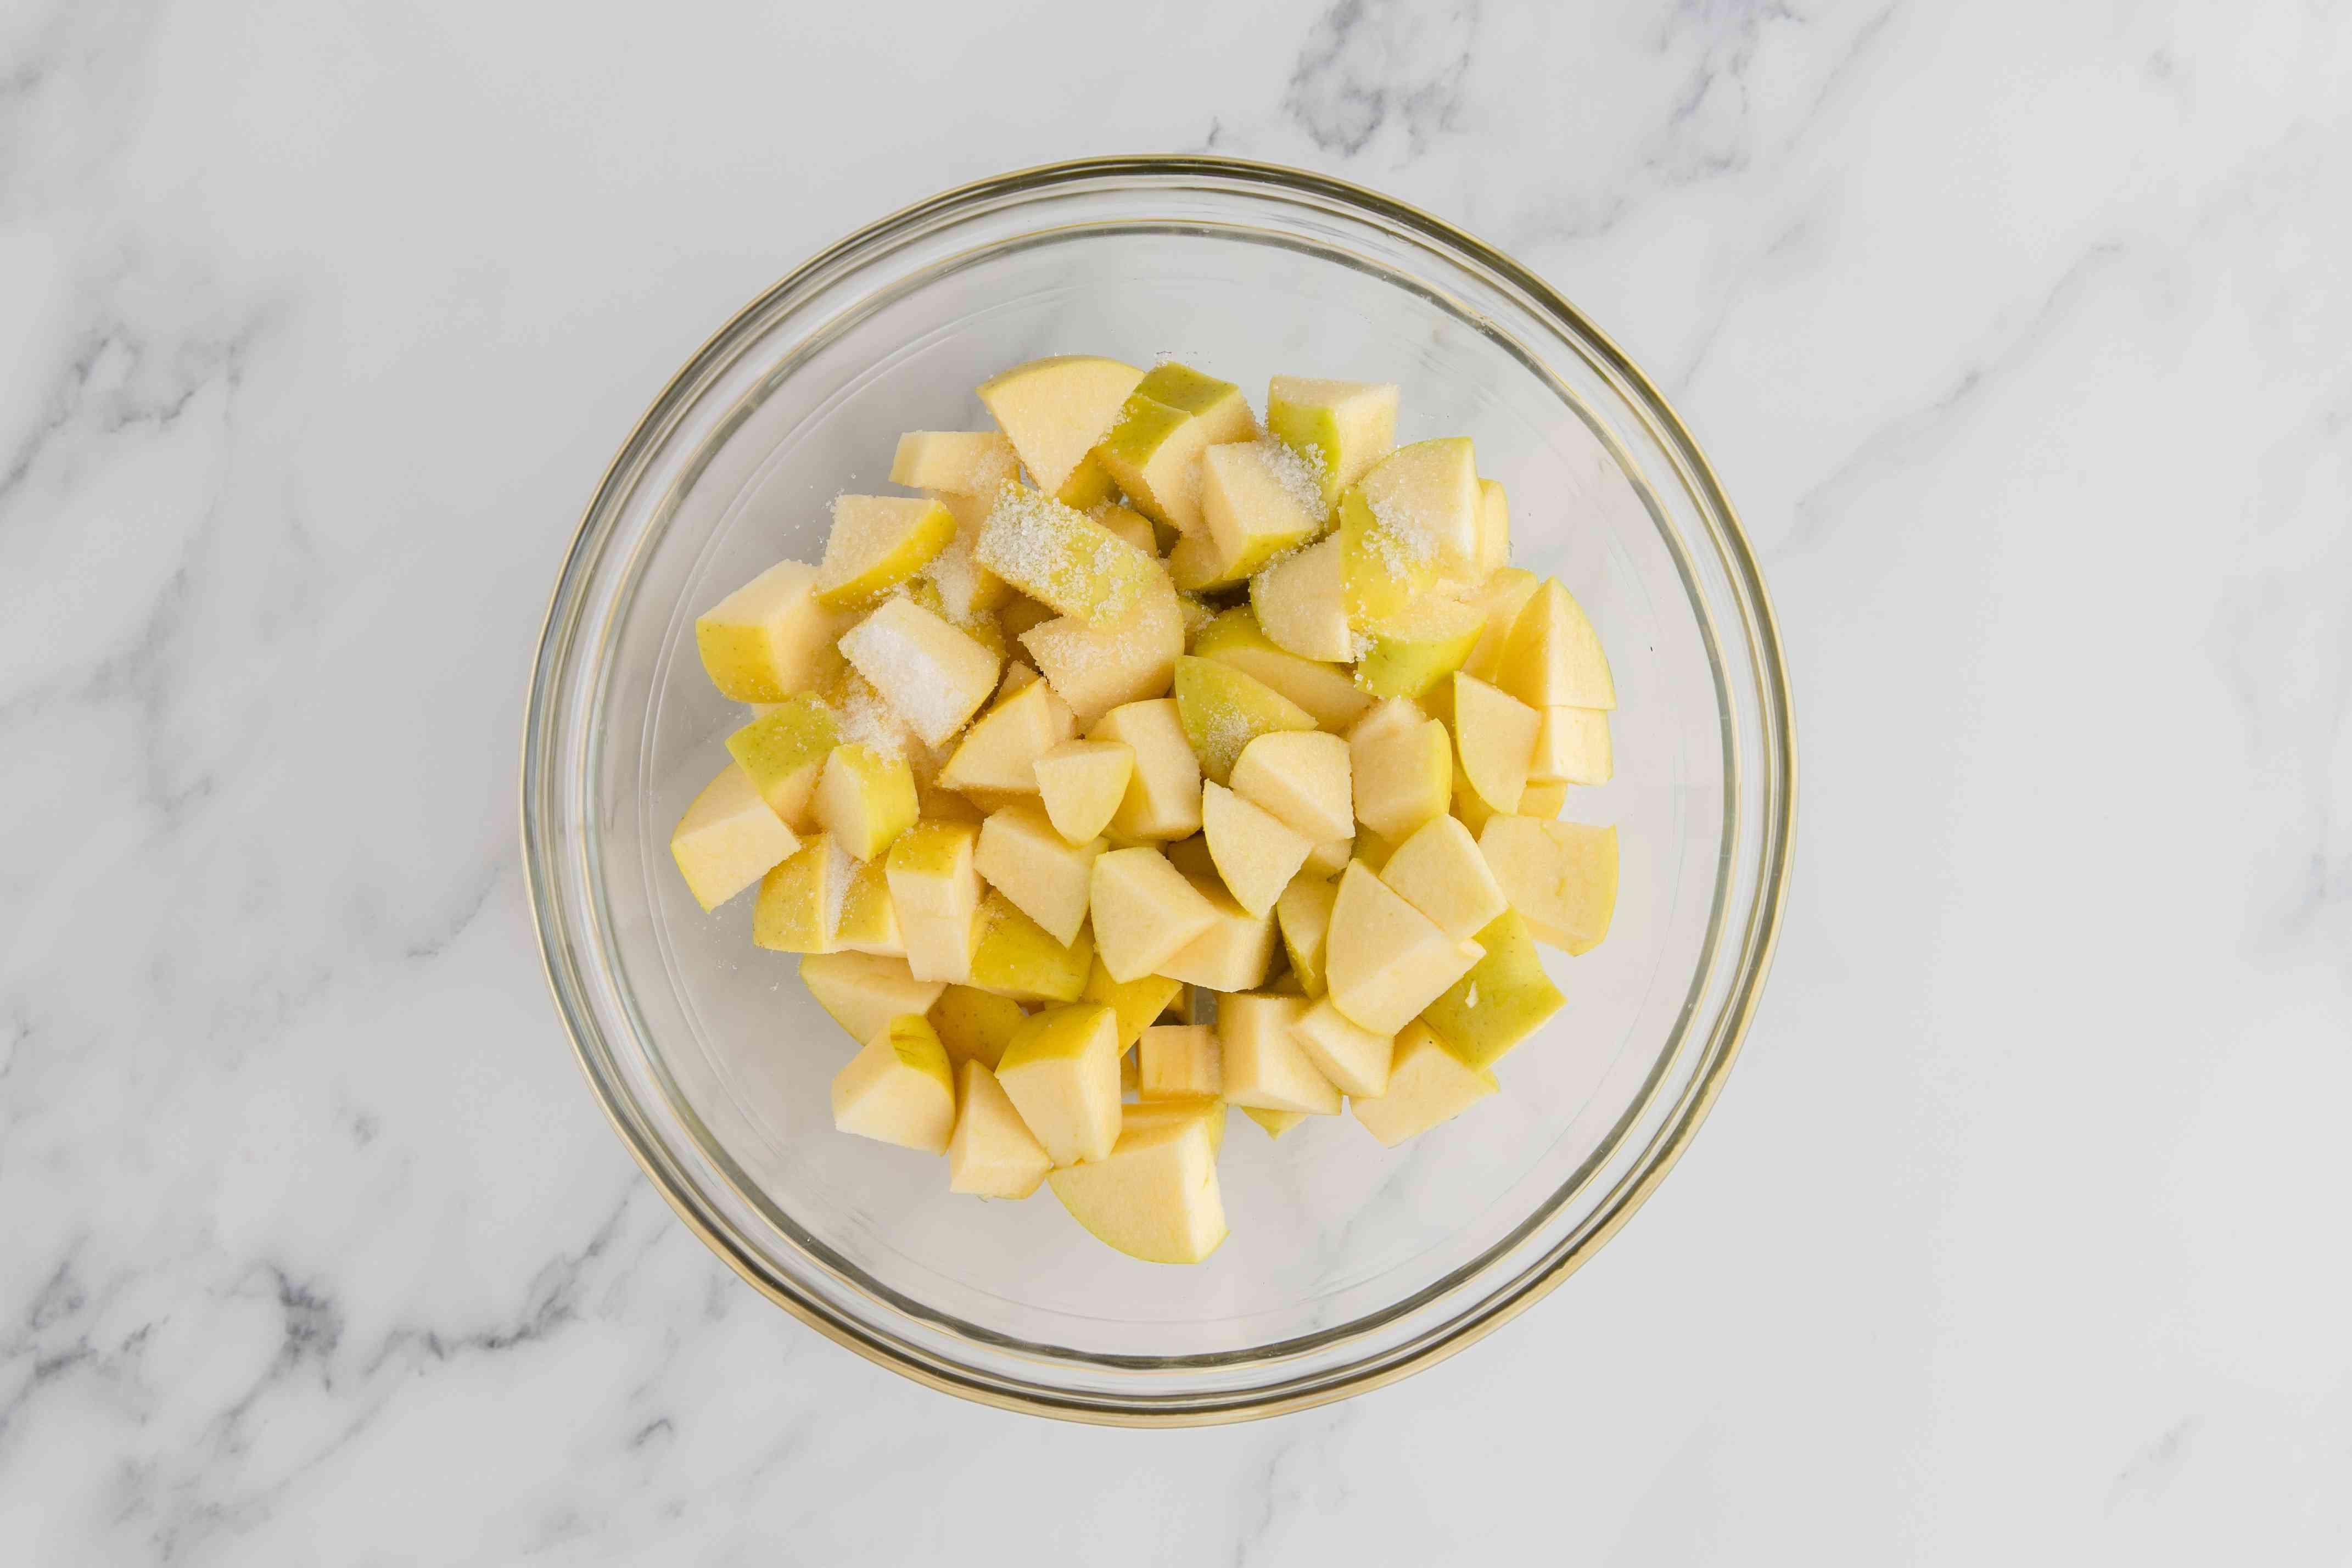 Sprinkle cubed apples